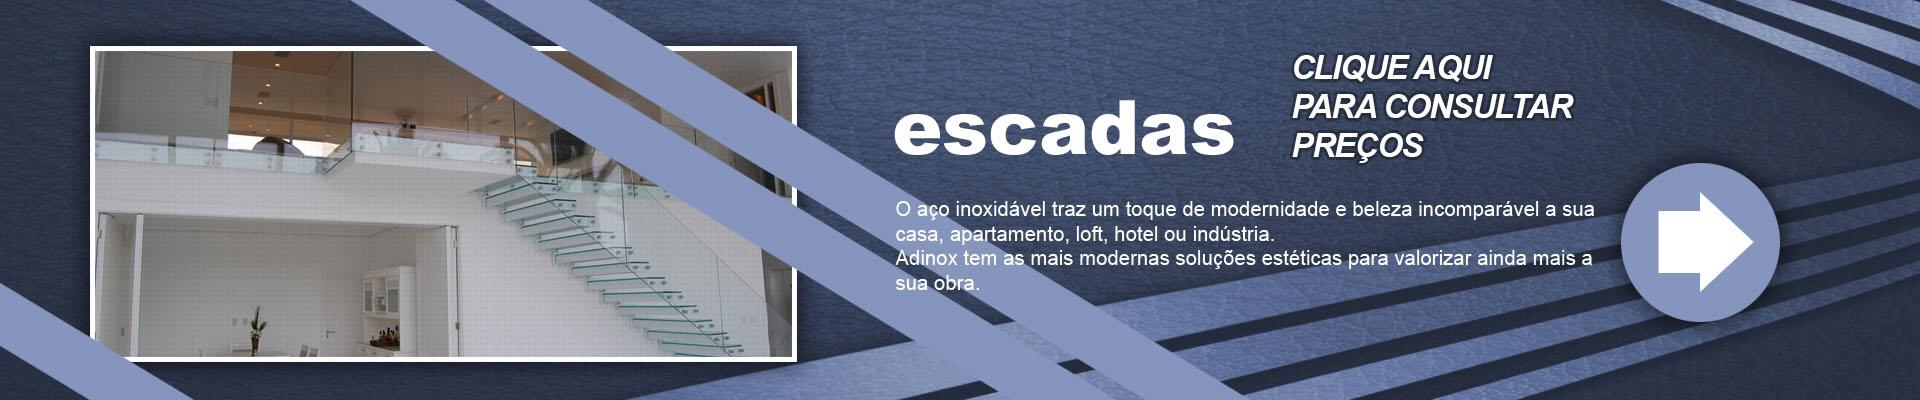 corrimao-inox-de-escada-adinox-banner1